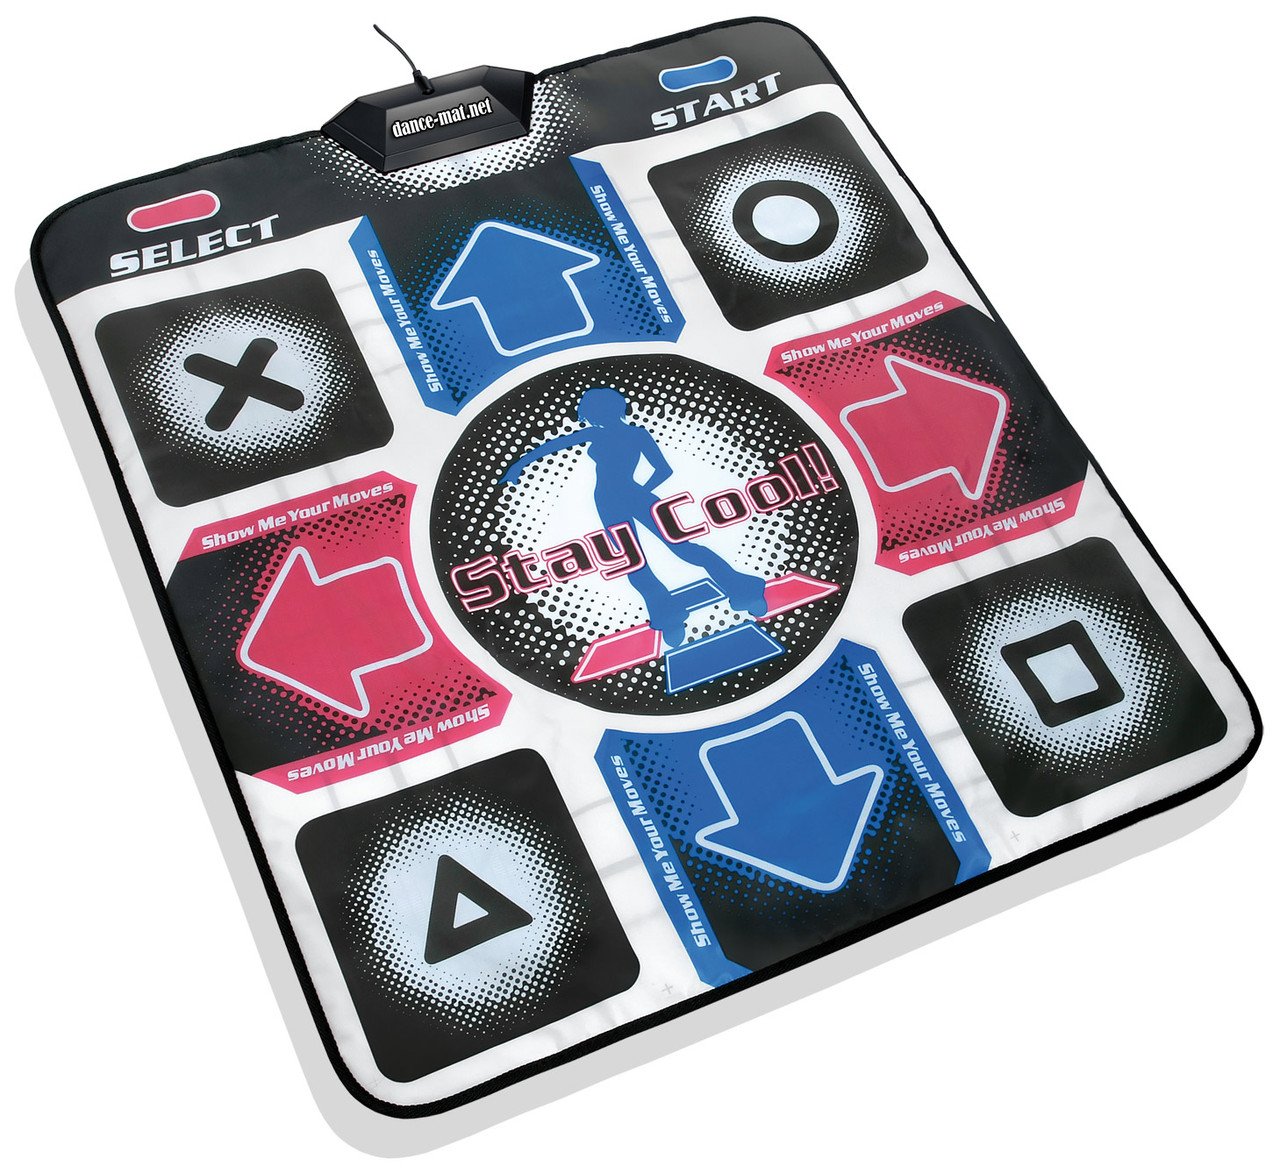 X-treme Dance Pad музыкальный танцевальный коврик dance mat для компьютера